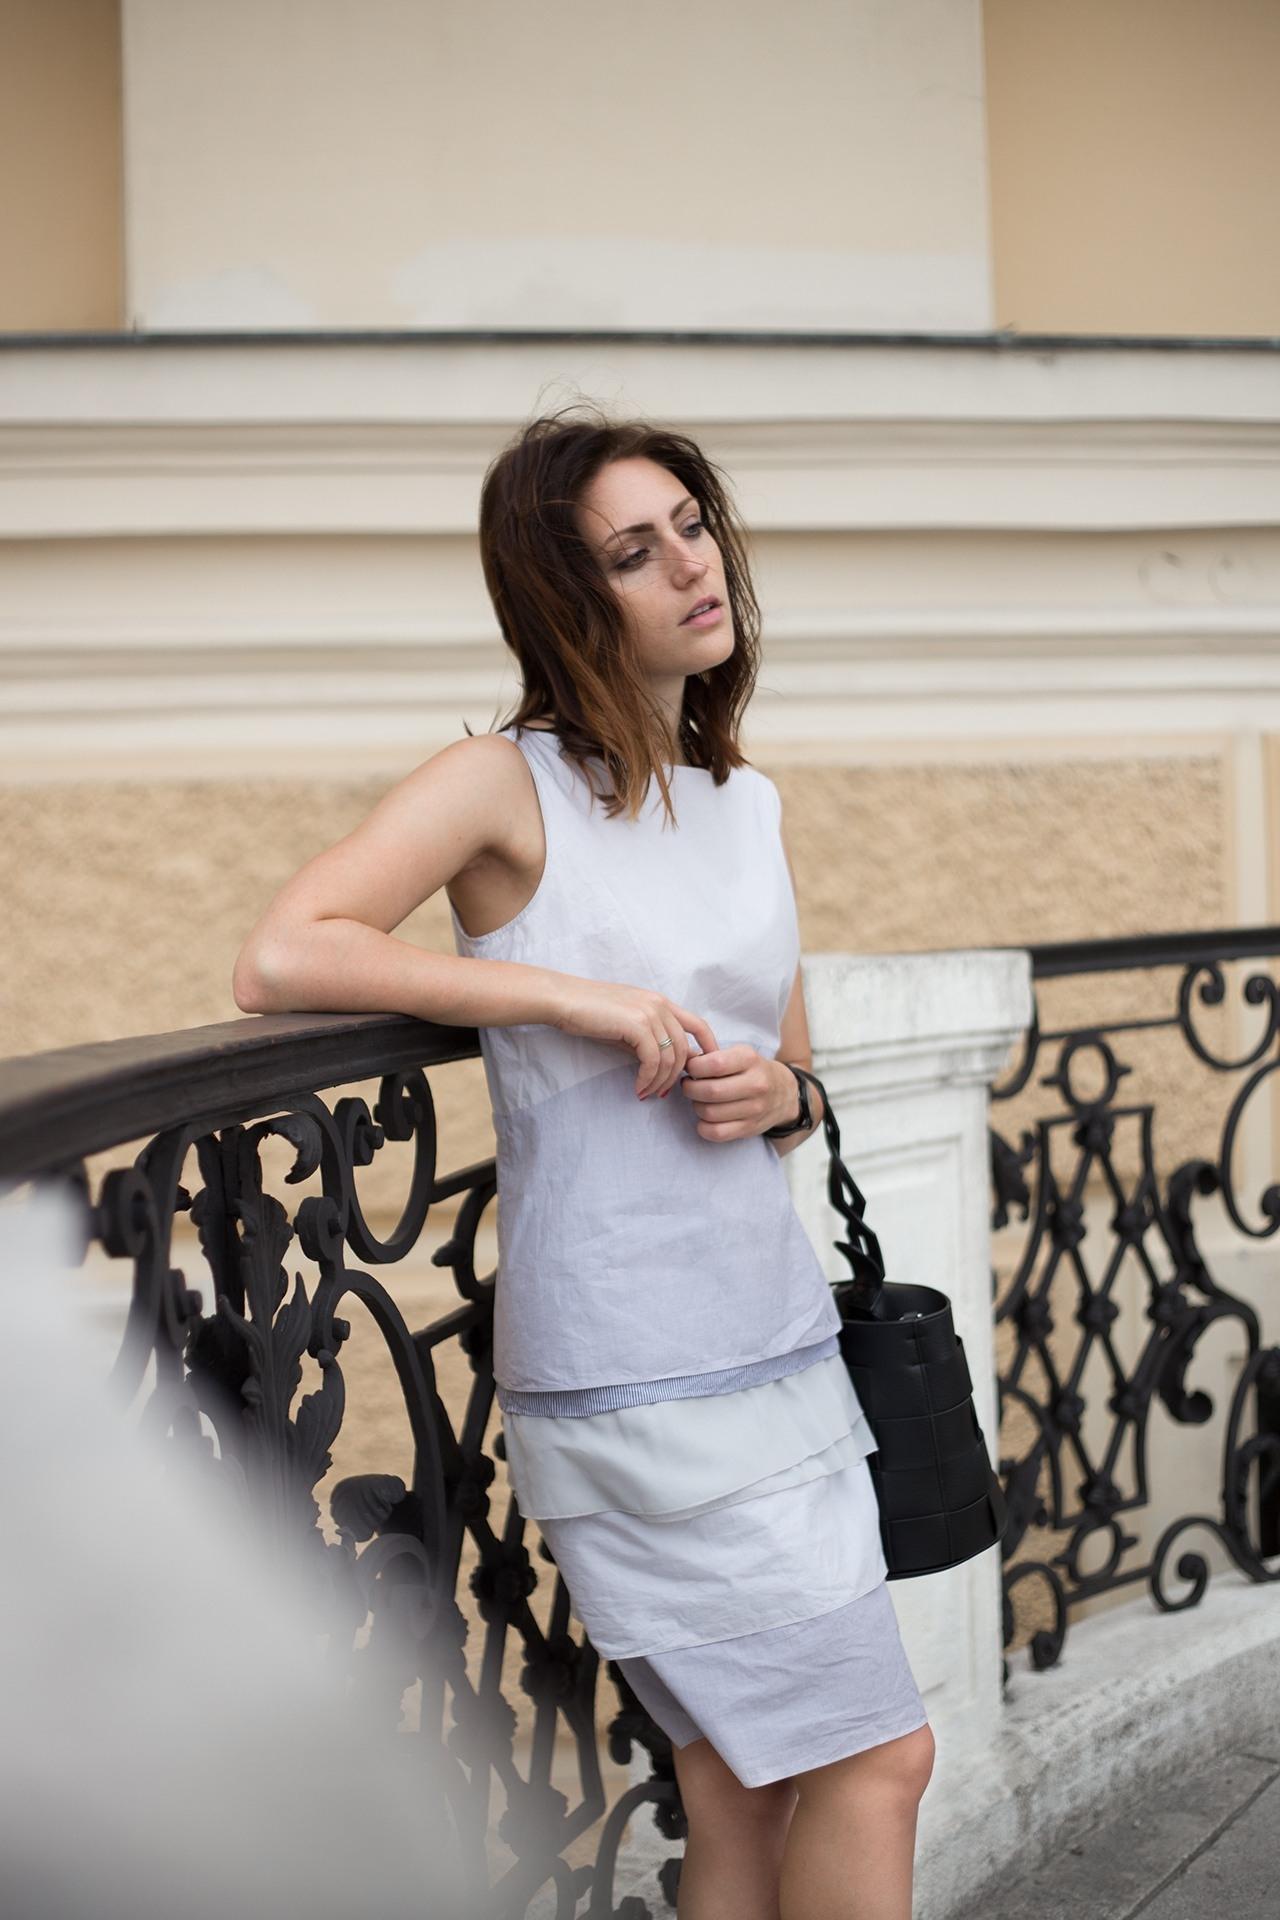 20 Perfekt Kleider Für Jeden Anlass Stylish13 Elegant Kleider Für Jeden Anlass Vertrieb